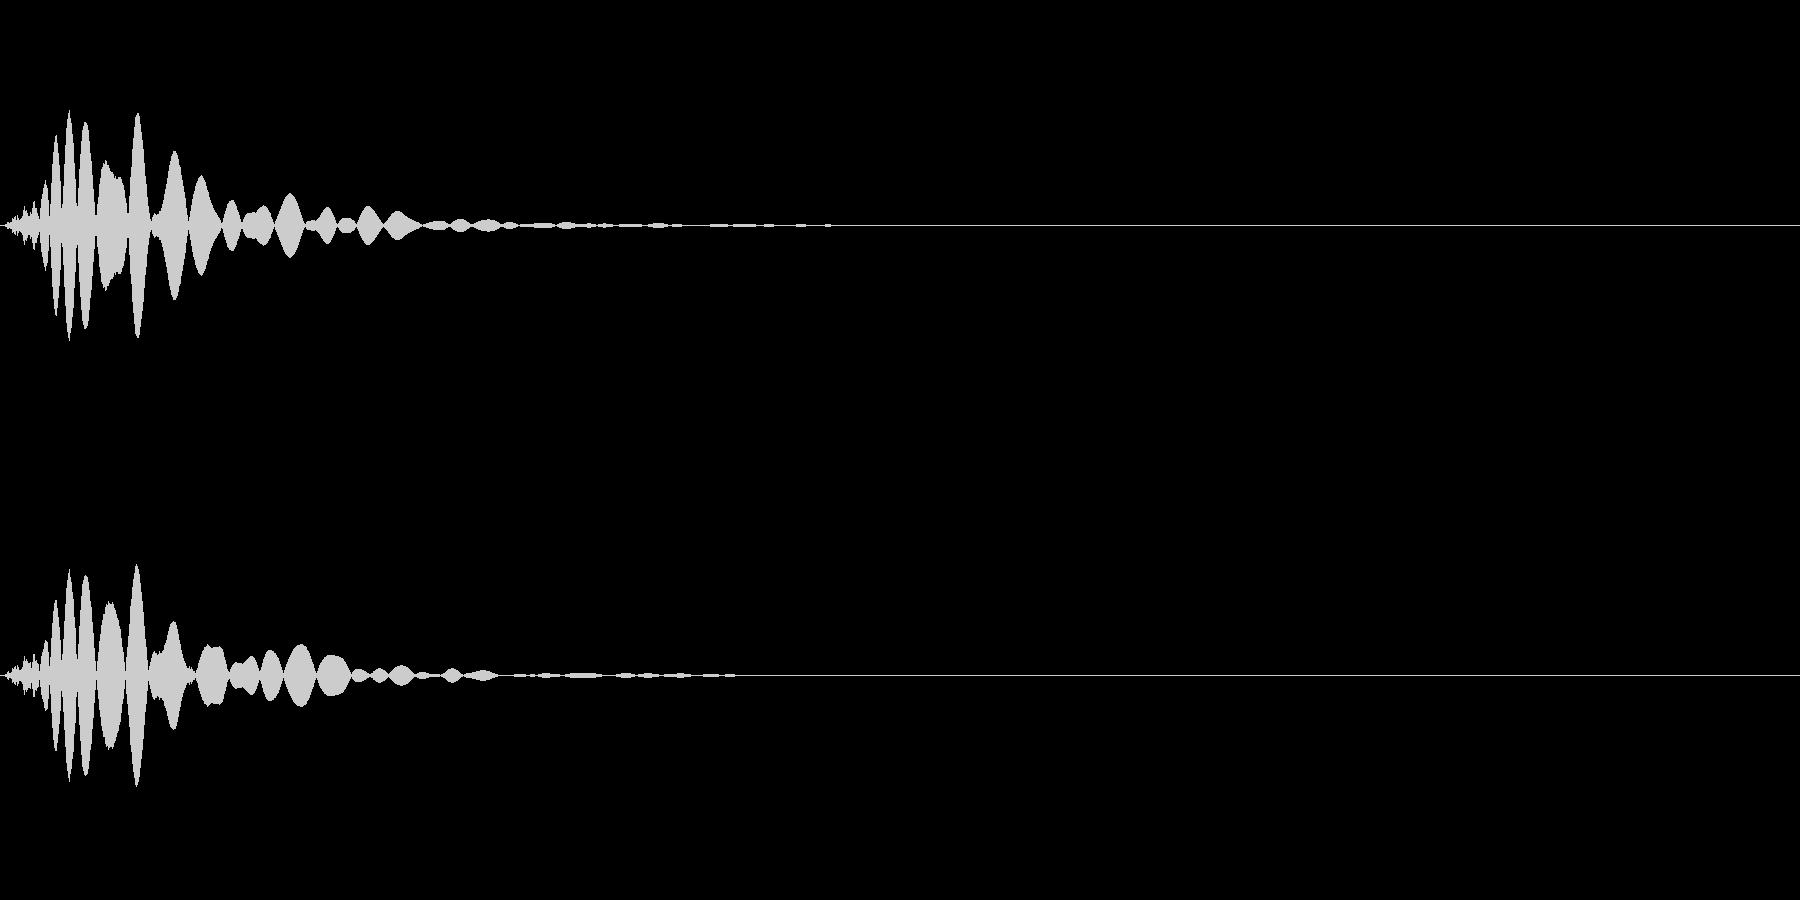 ミックス処理済みキック(単発)_03の未再生の波形